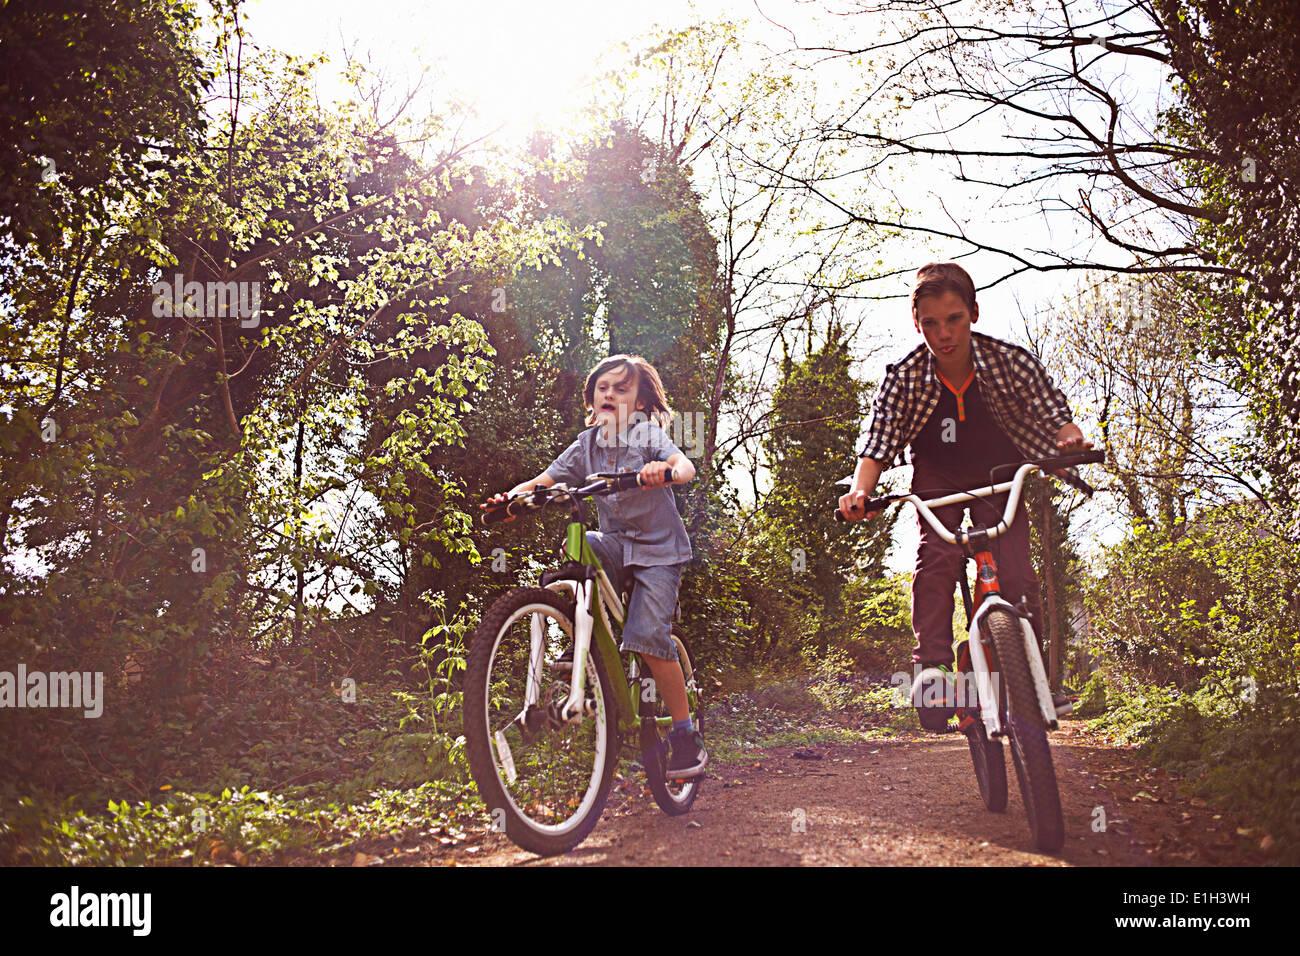 Ragazzi in bicicletta attraverso la foresta Immagini Stock